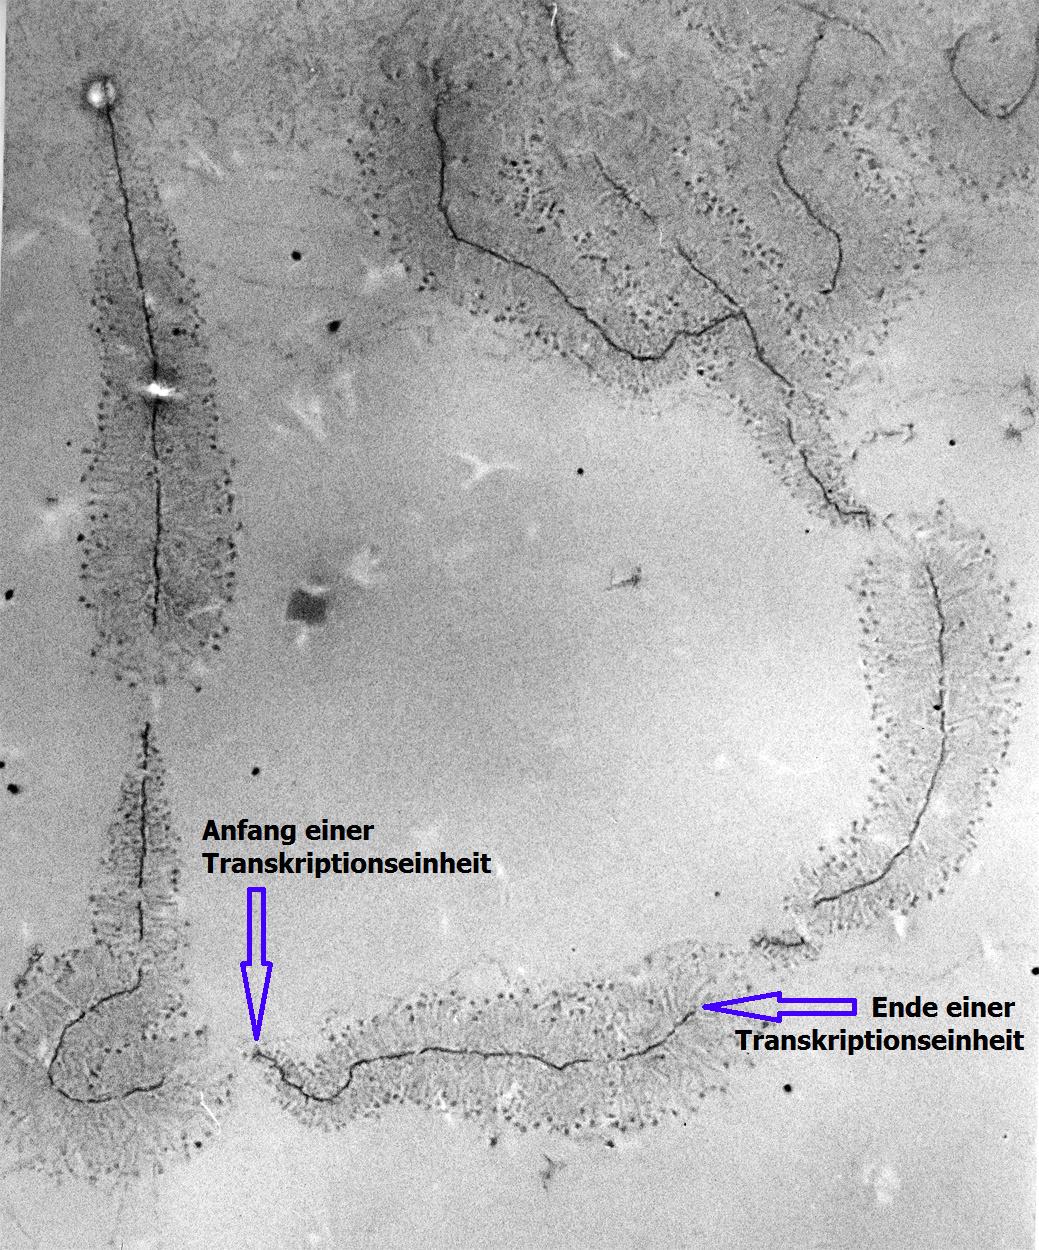 Desoxyribonukleinsäure – Wikipedia